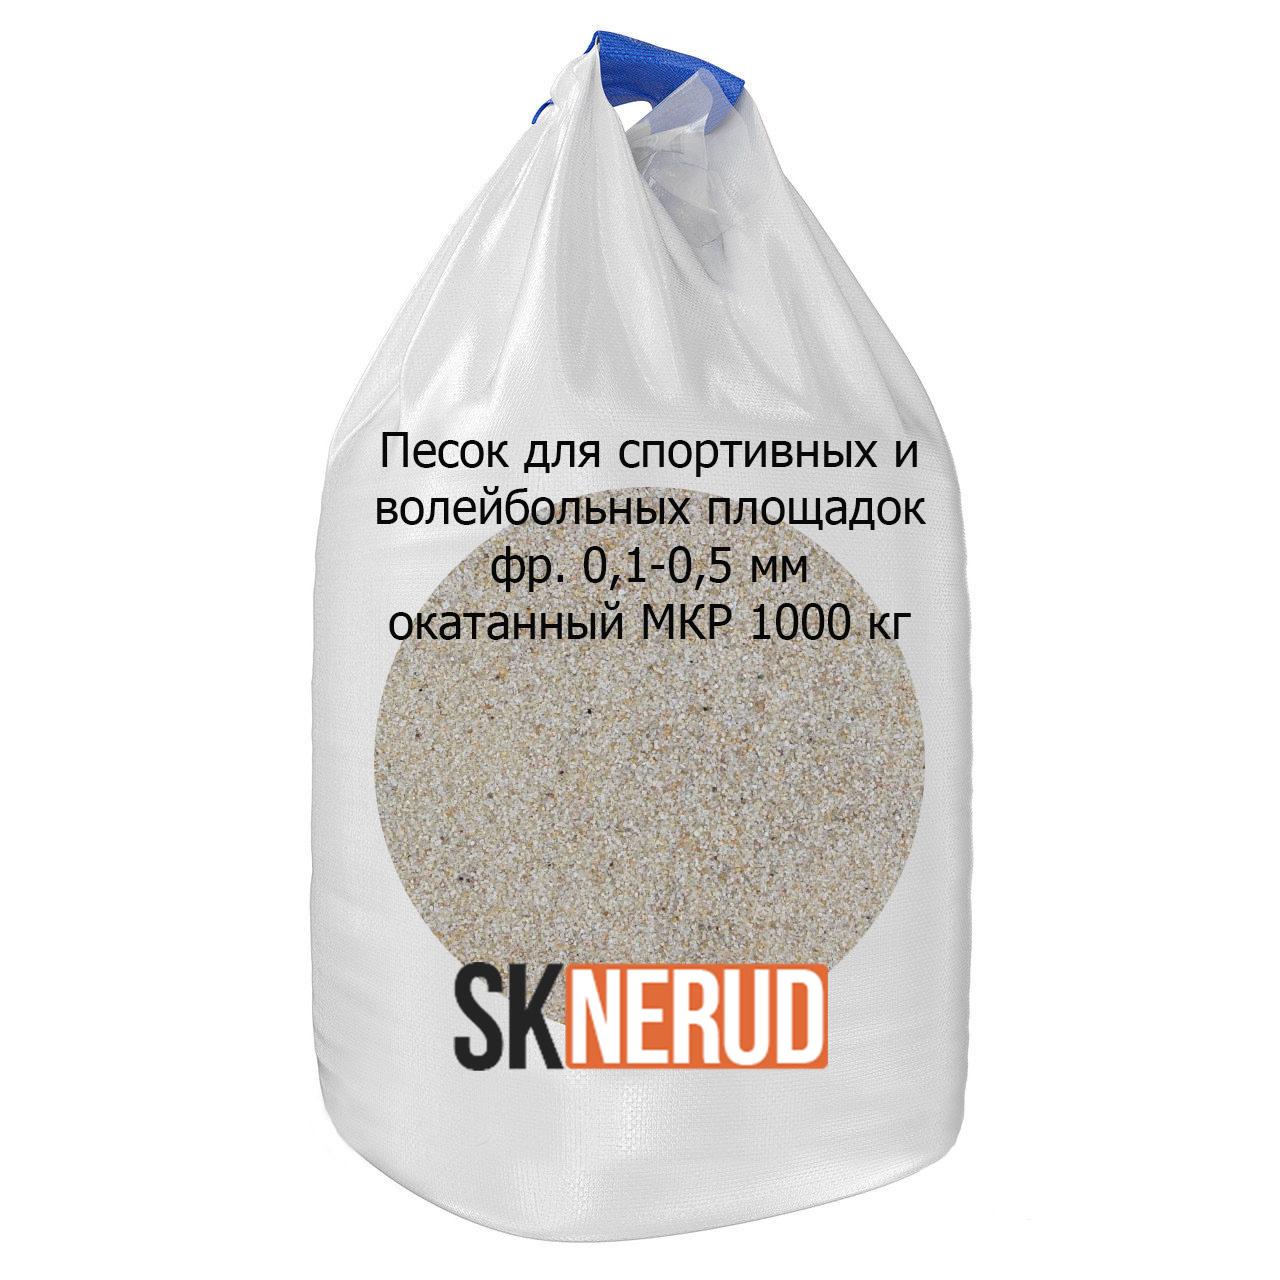 Песок для спортивных площадок 0,1-0,5 мм МКР